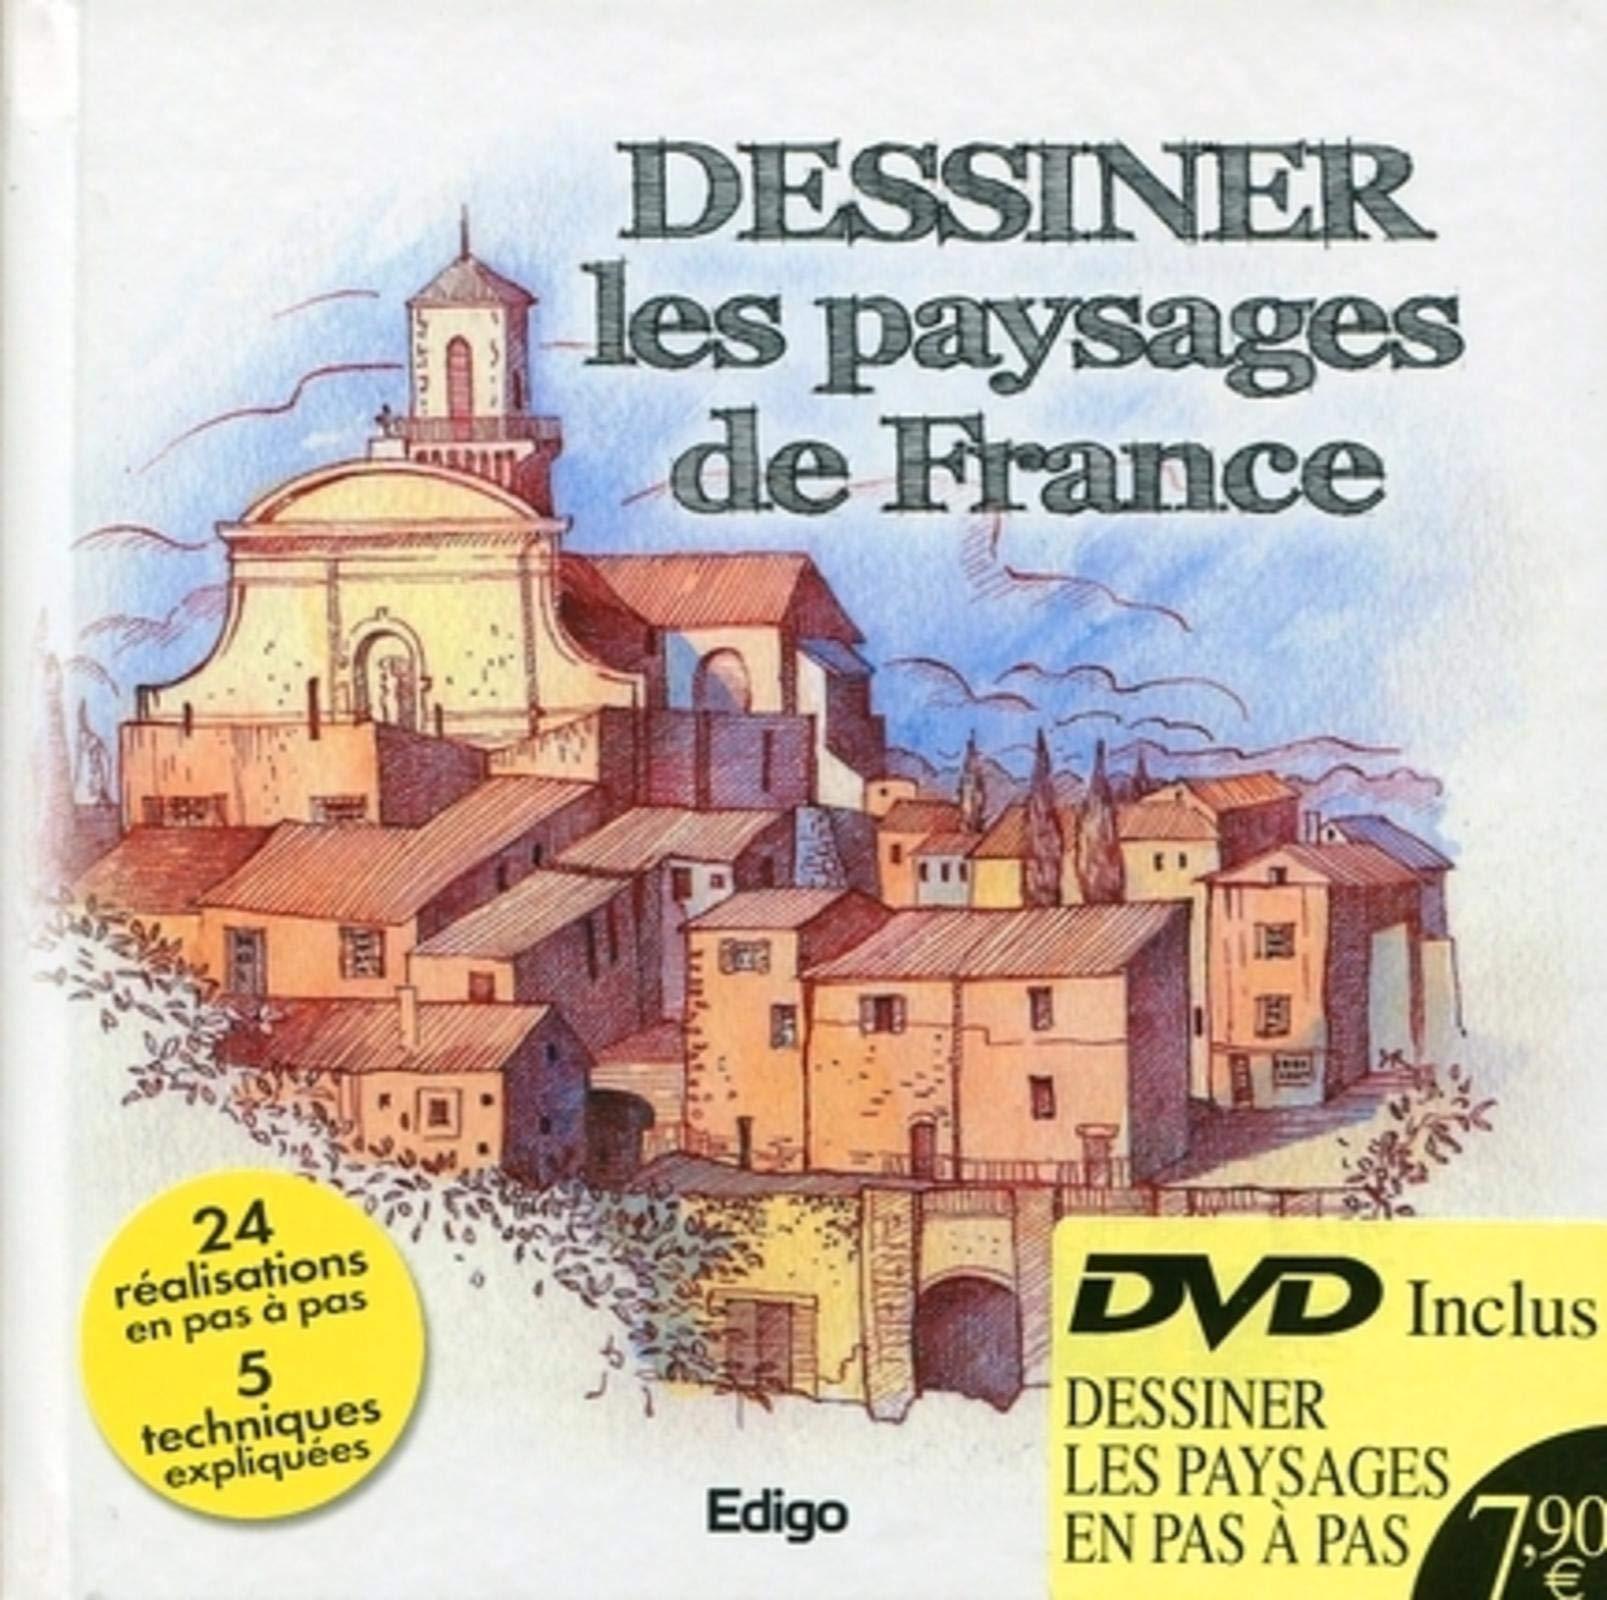 Dessiner Les Paysages De France Dessiner Facilement French Edition Collectif 9782359330168 Amazon Com Books